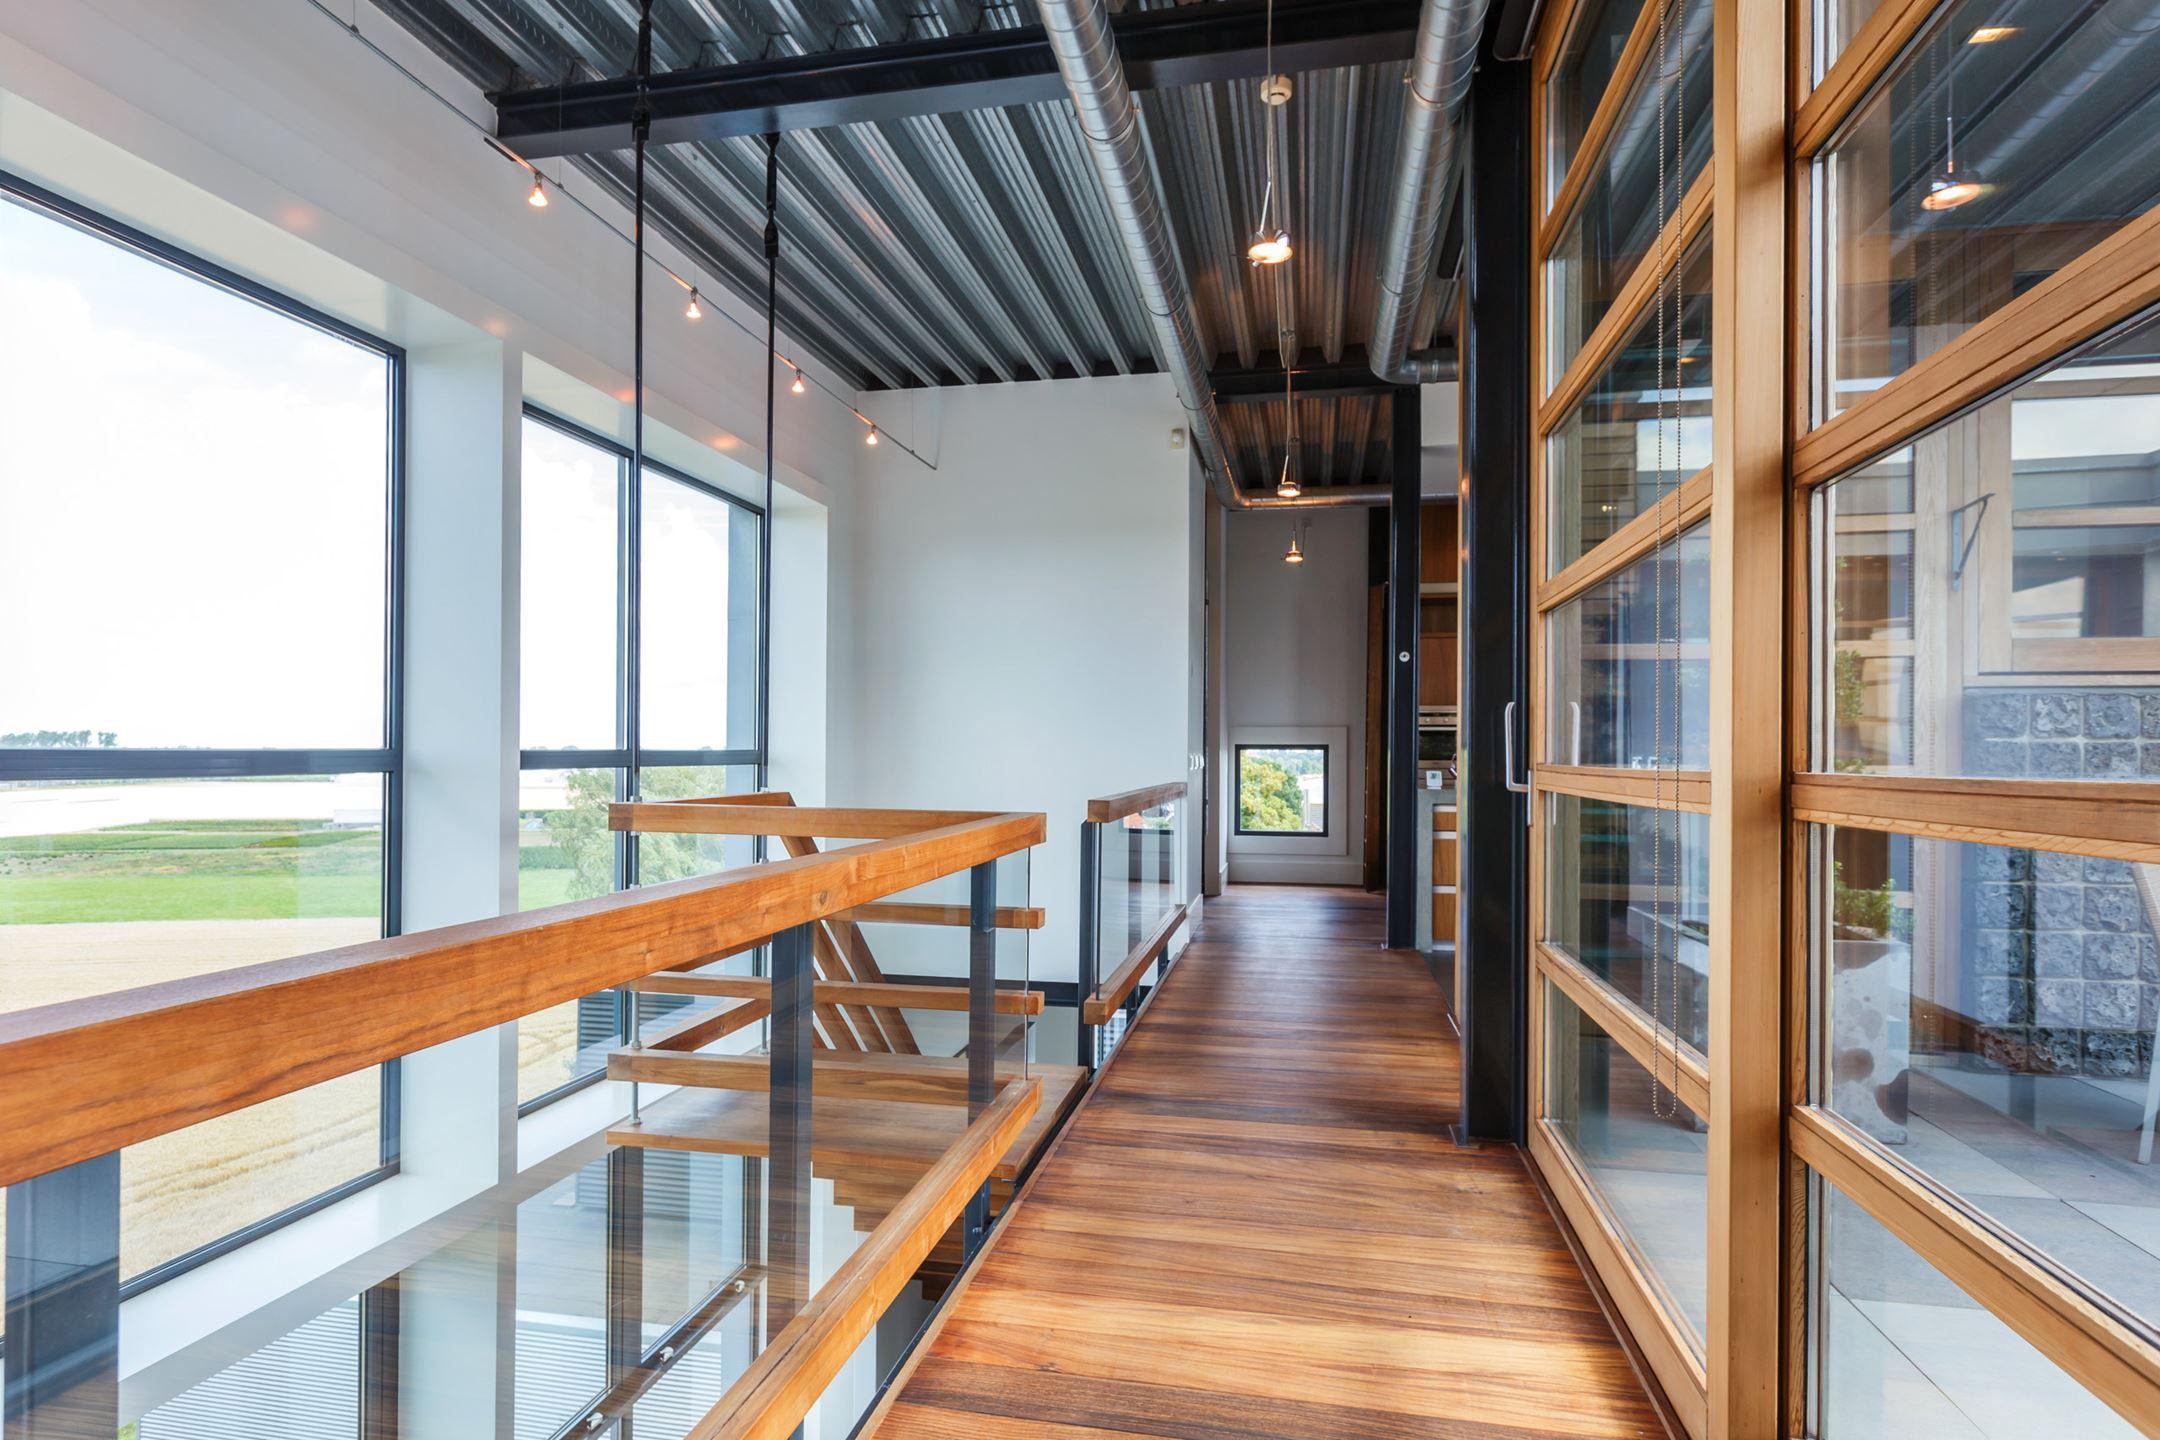 Appartement te koop: leimuiderdijk 239 a 2154 mn burgerveen [funda]